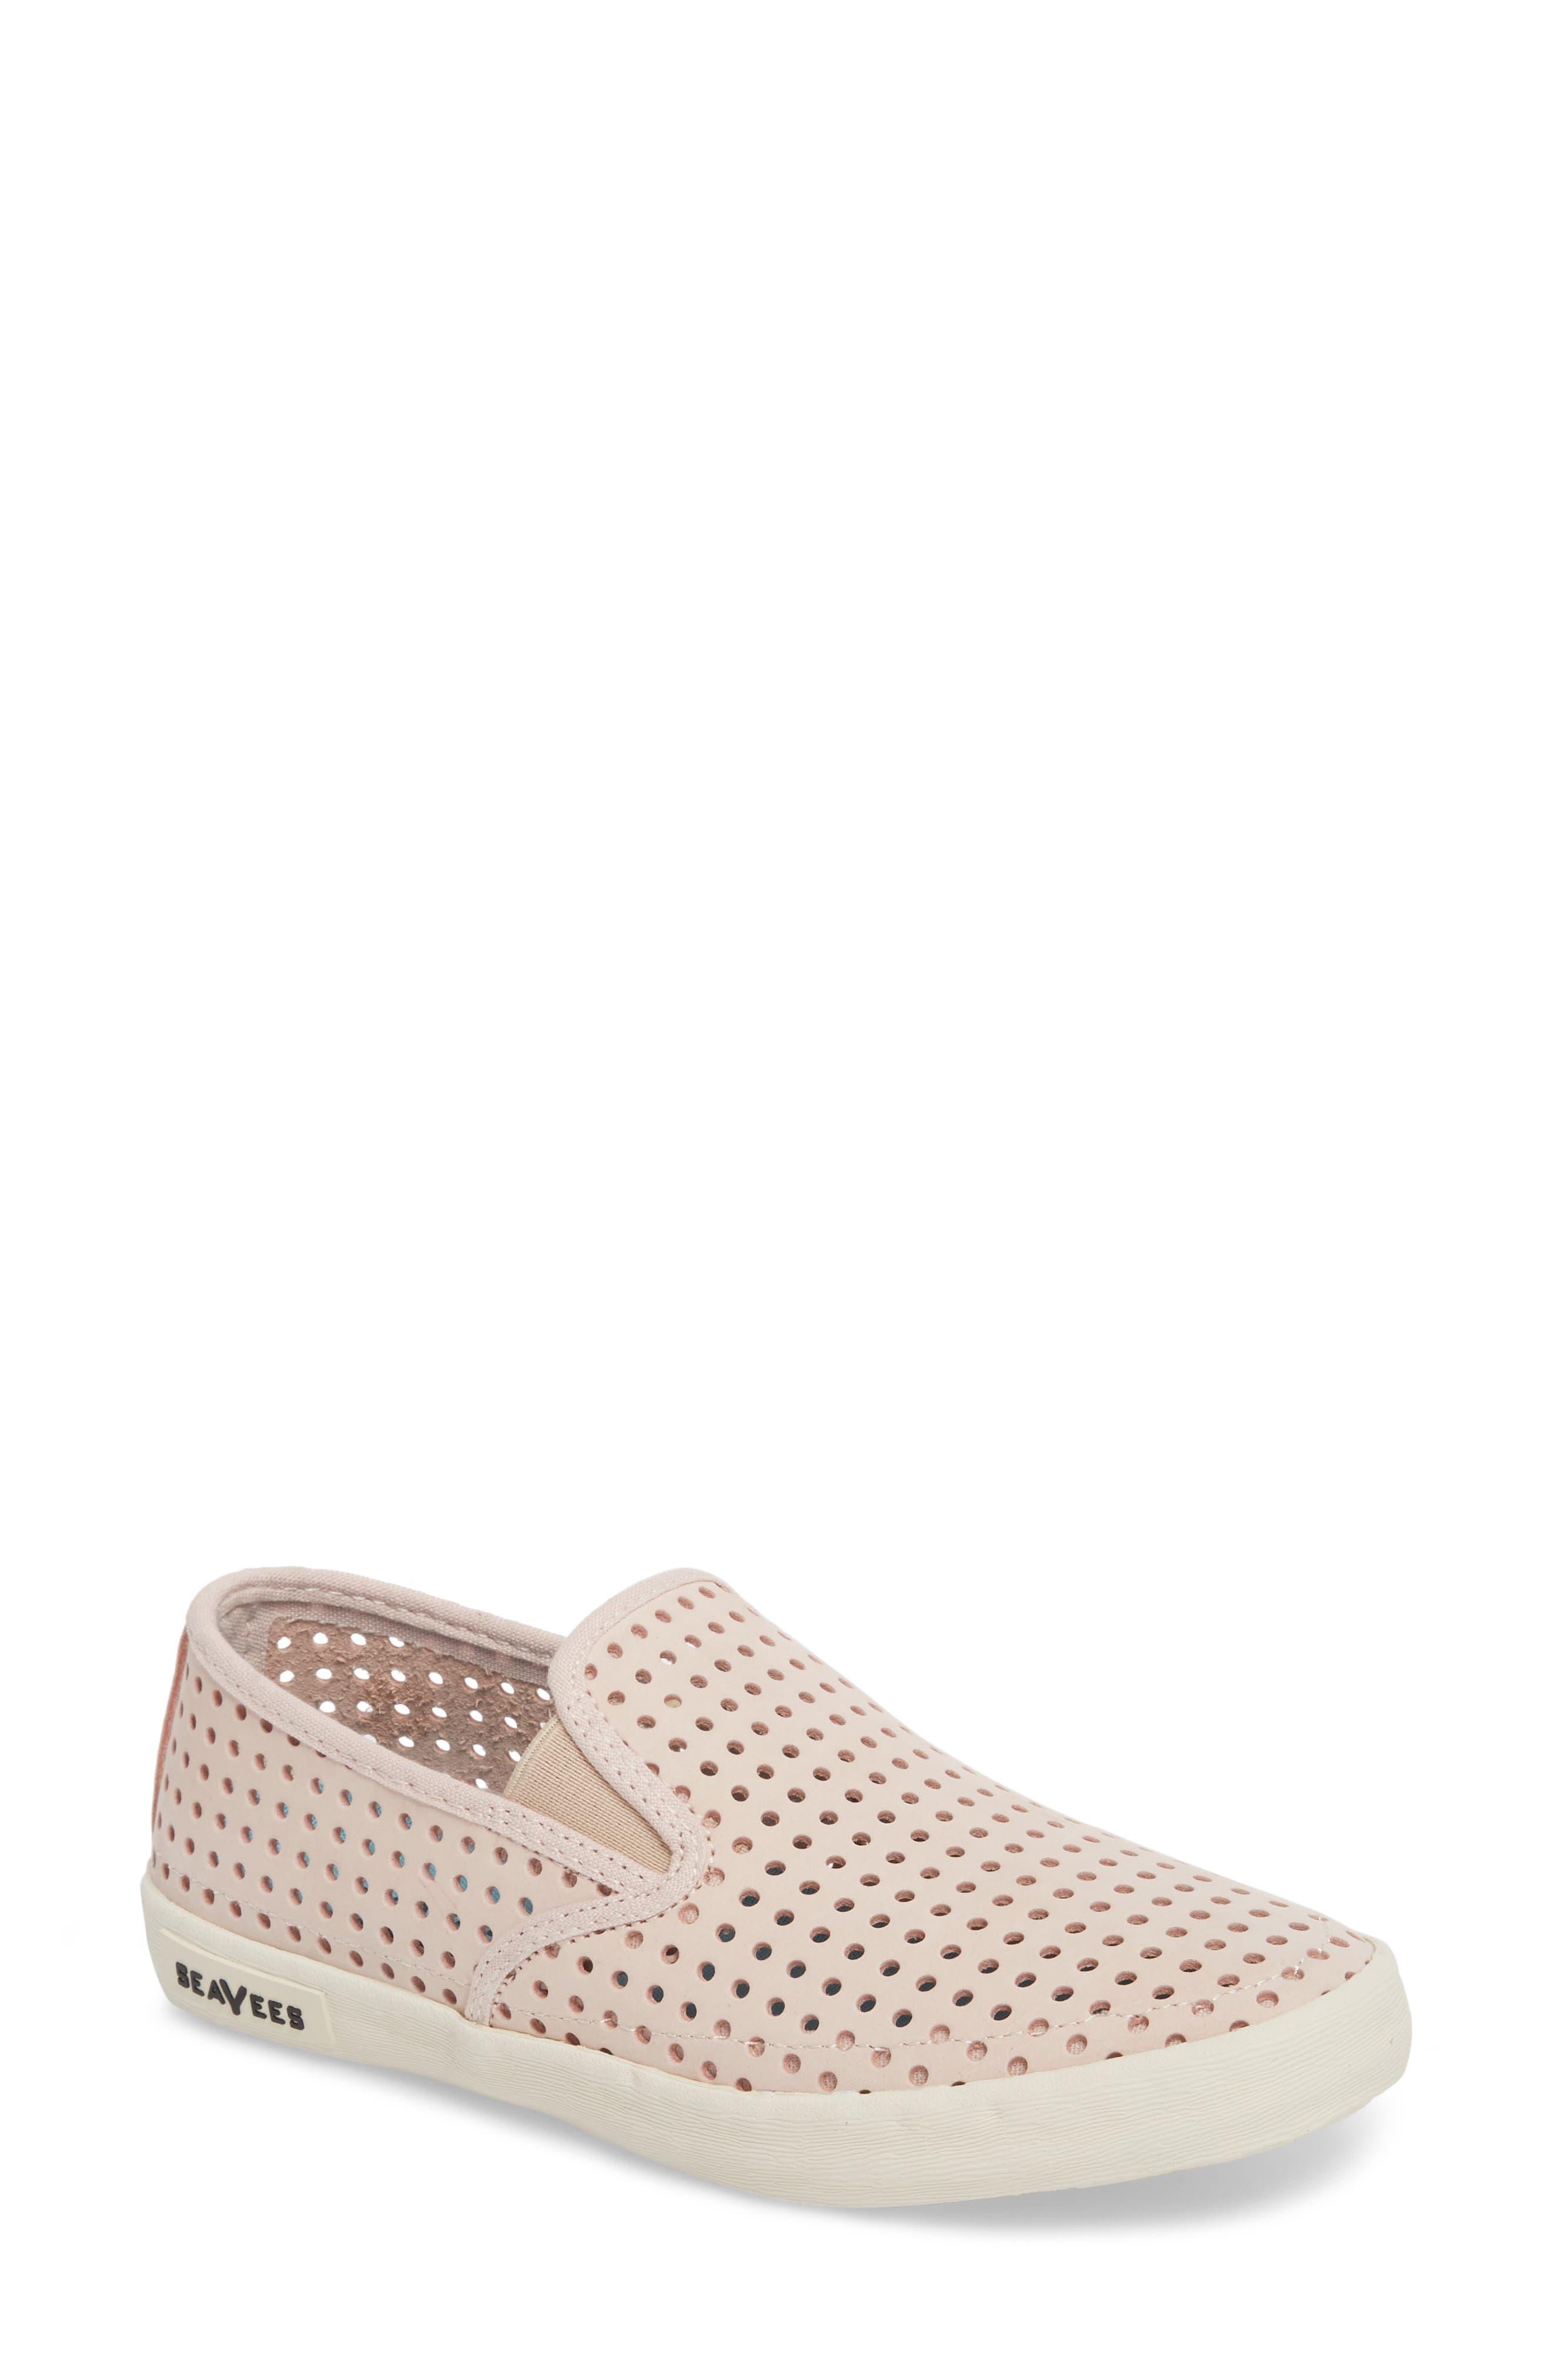 Baja Perforated Slip-On Sneaker,                         Main,                         color, Rose Quartz